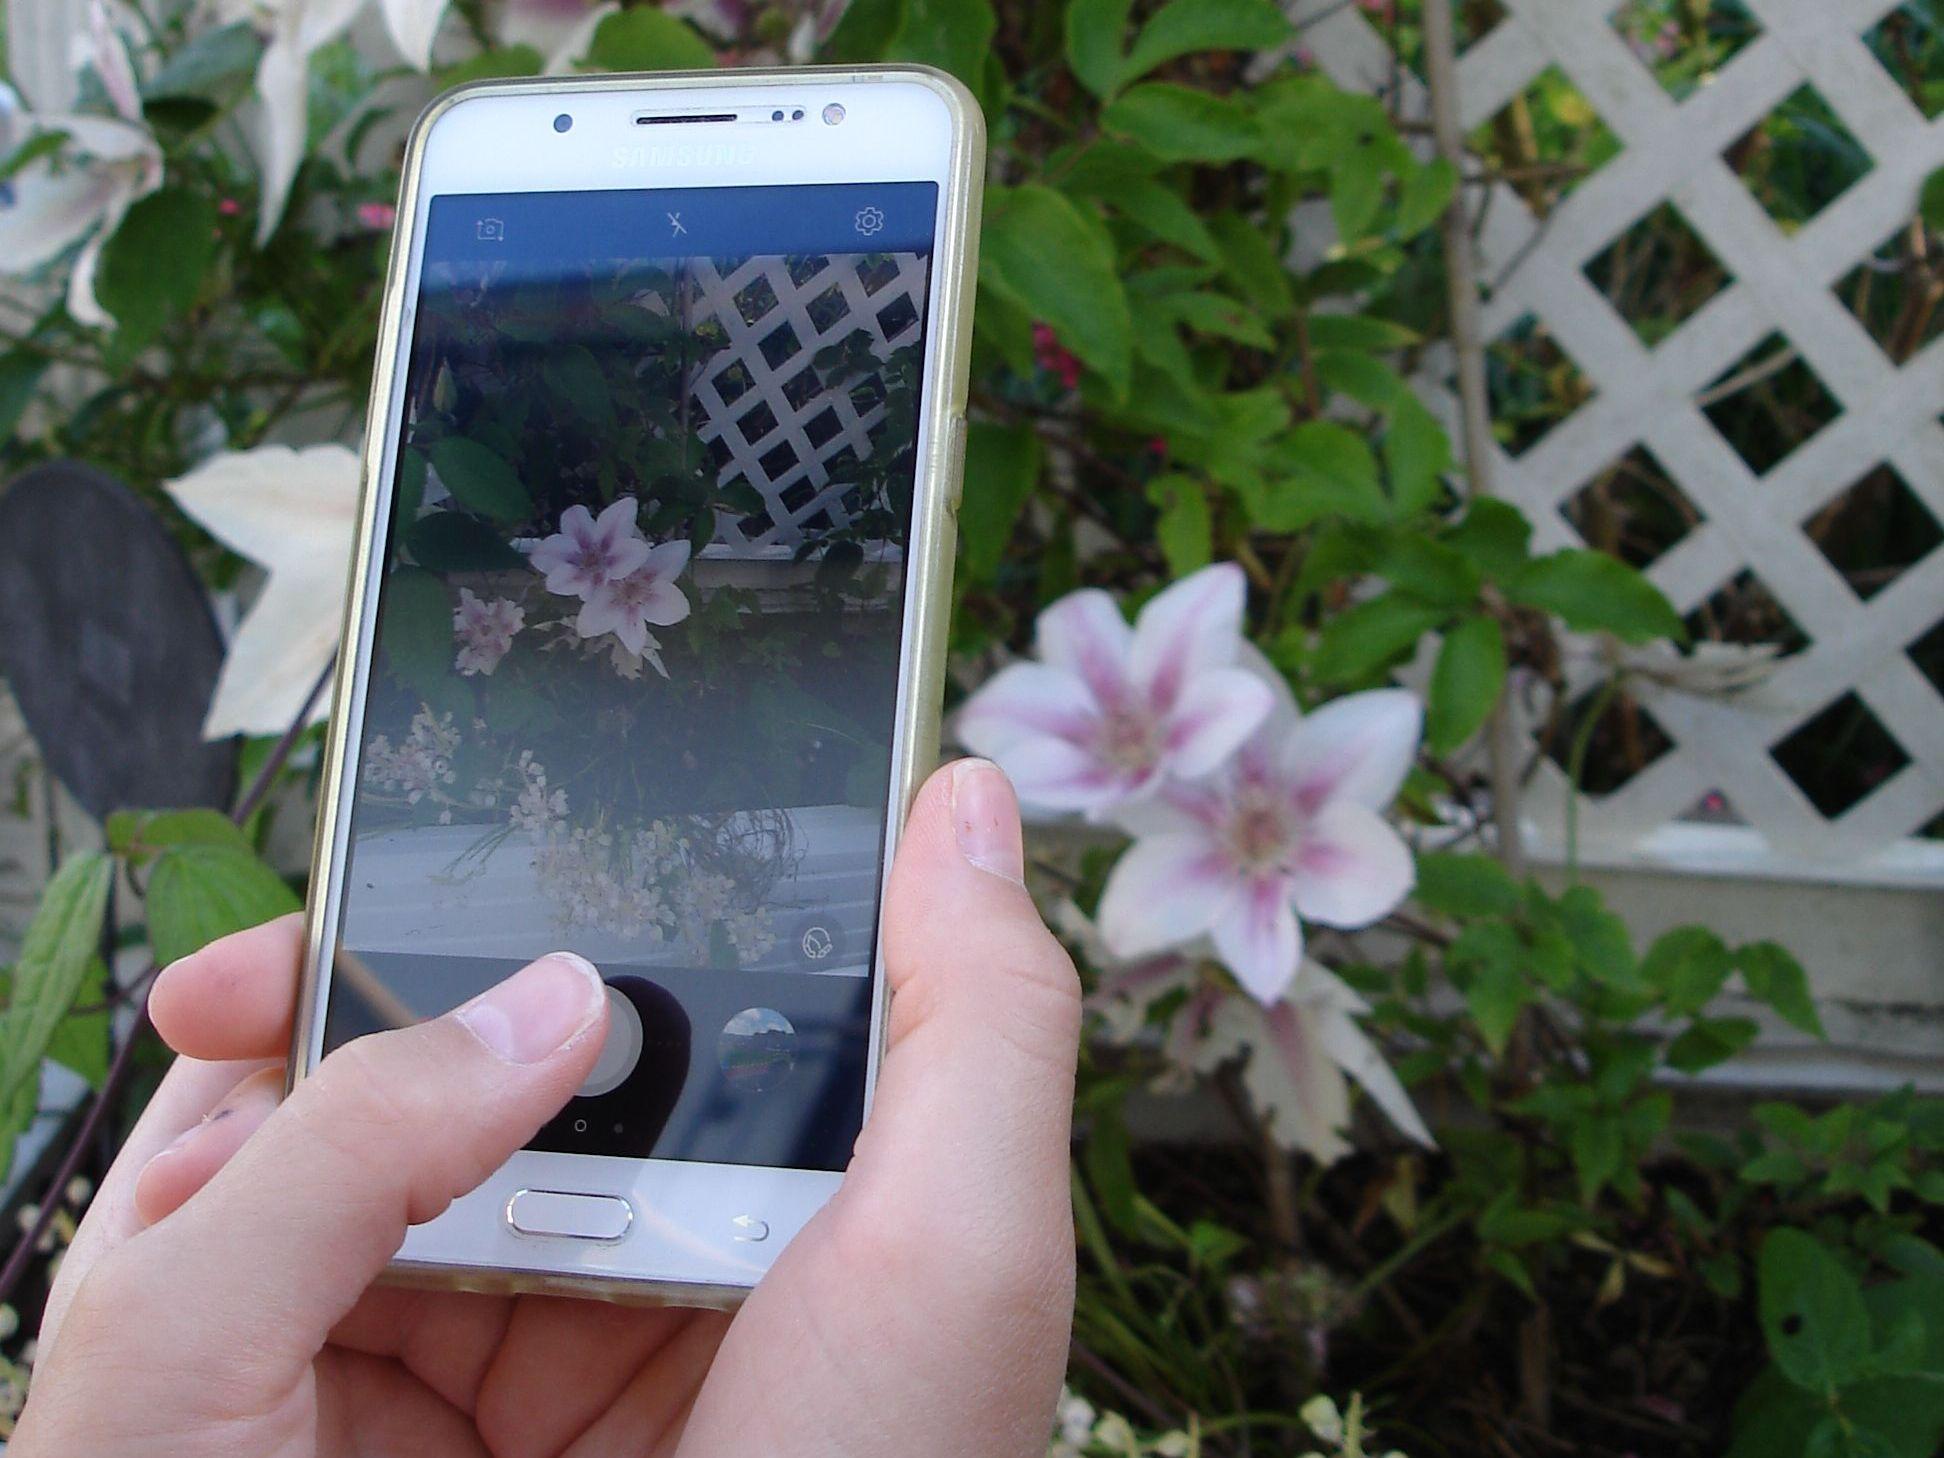 1. Fotos von Pflanze machen - Es ist gut, wenn Sie von ihrer Problempflanze zunächst ein paar aussagekräftige Fotos machen.Wichtig wären dazu folgende Fotos:- Foto von befallenen Stellen an der Pflanze- Foto von Schädling, falls vorhanden- Foto von der Umgebung der Pflanze